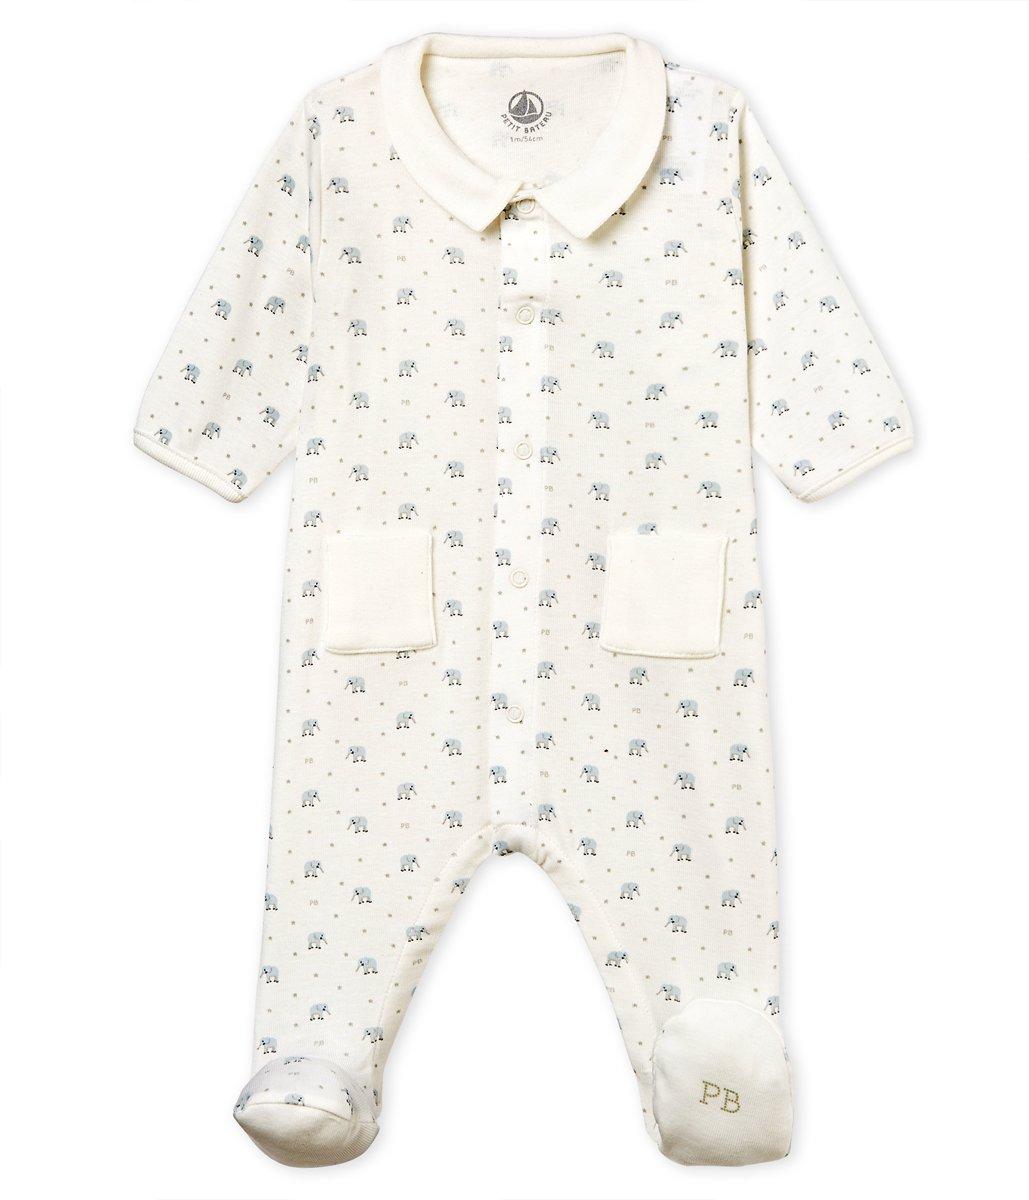 Petit Bateau Jongens Baby Boxpak - blauw - Maat 62 kopen